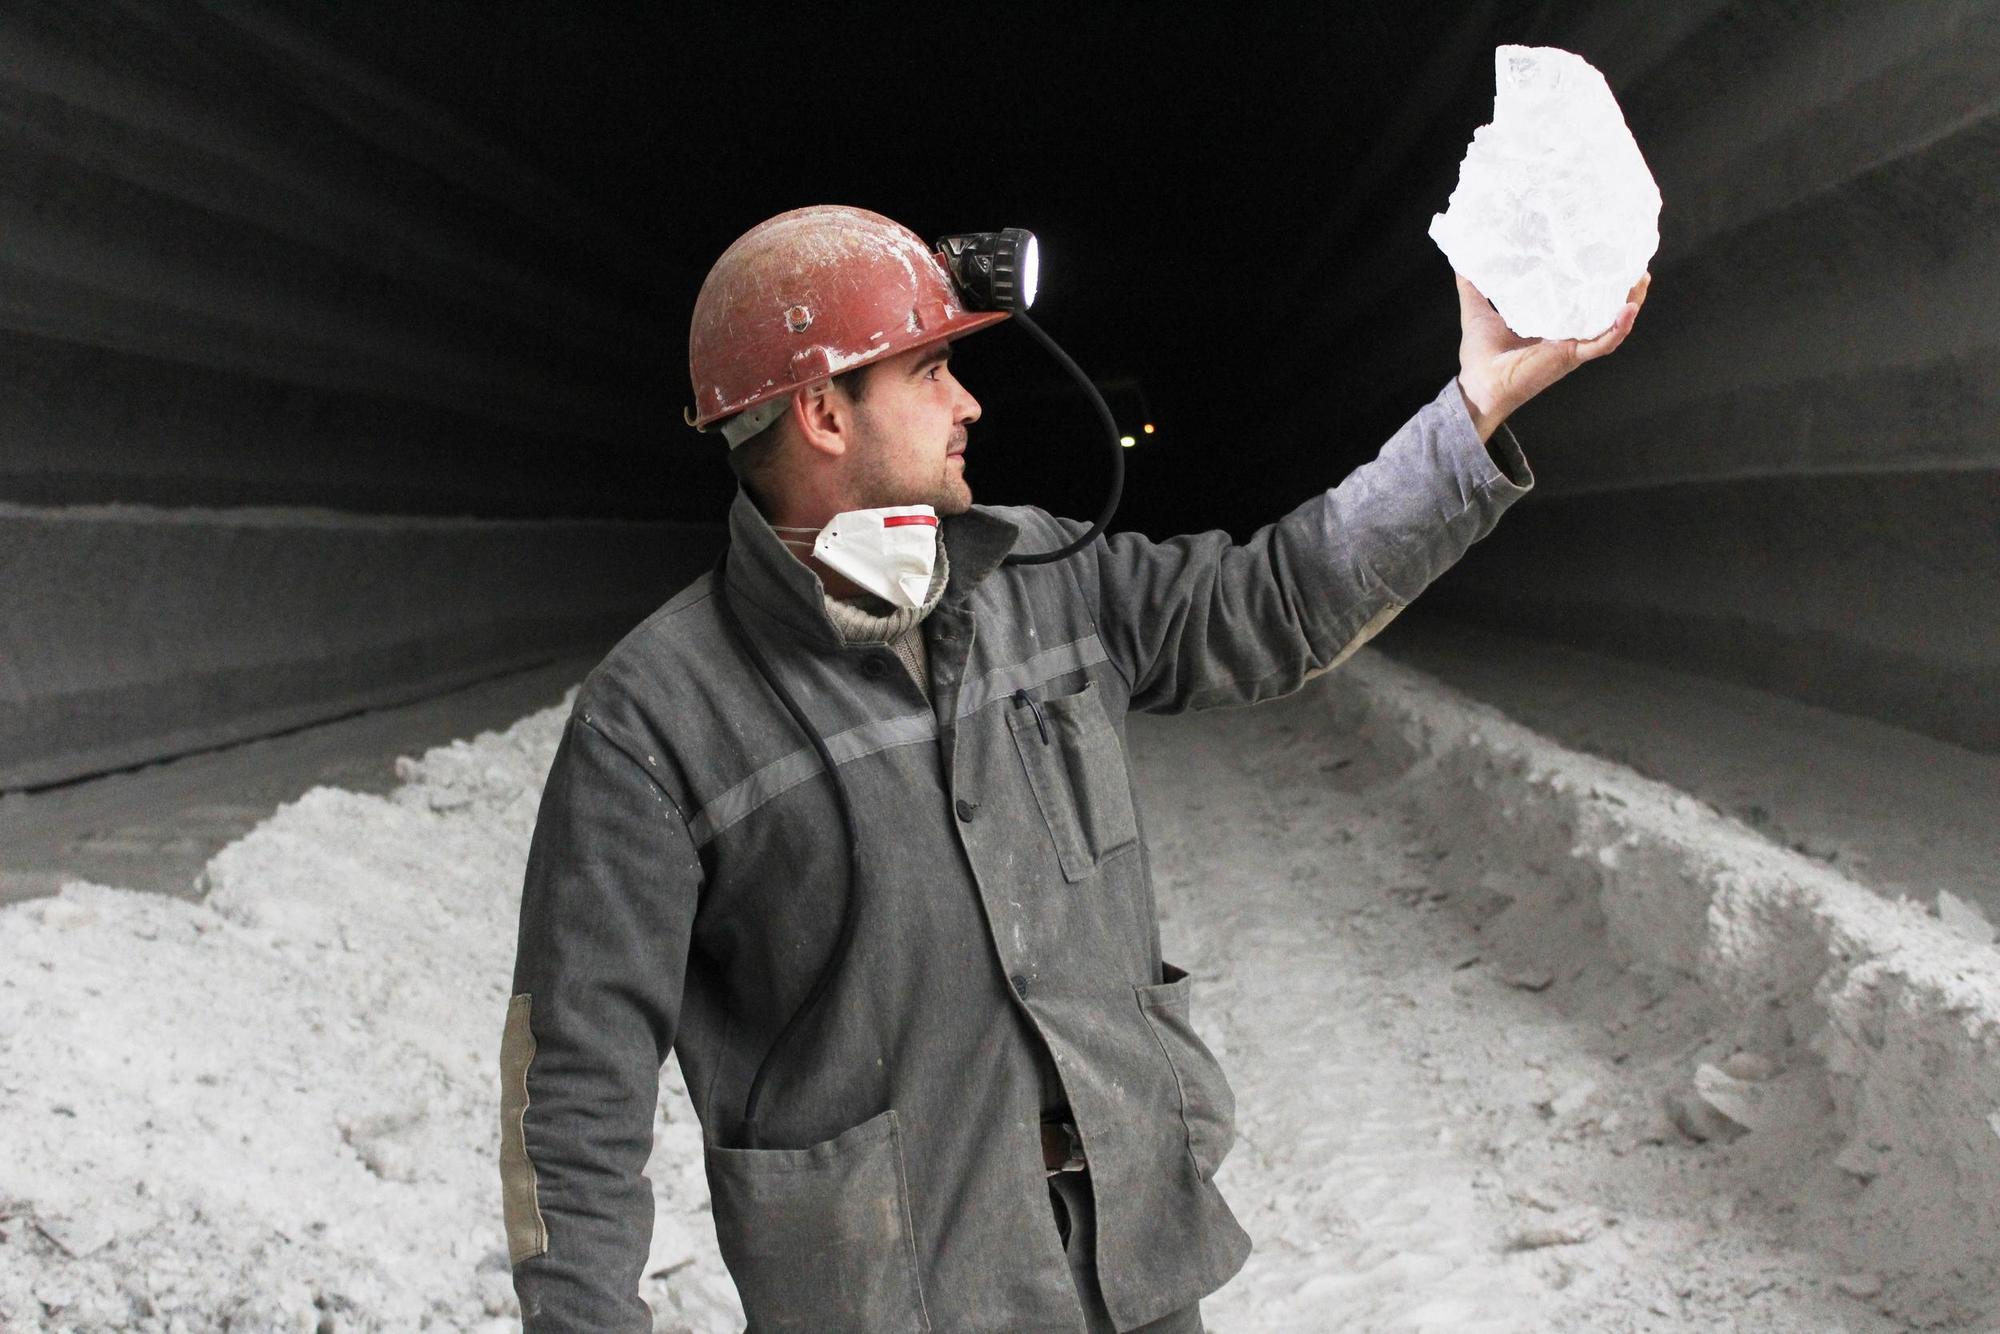 шахтар в соляній шахті Соледару з кристалом солі